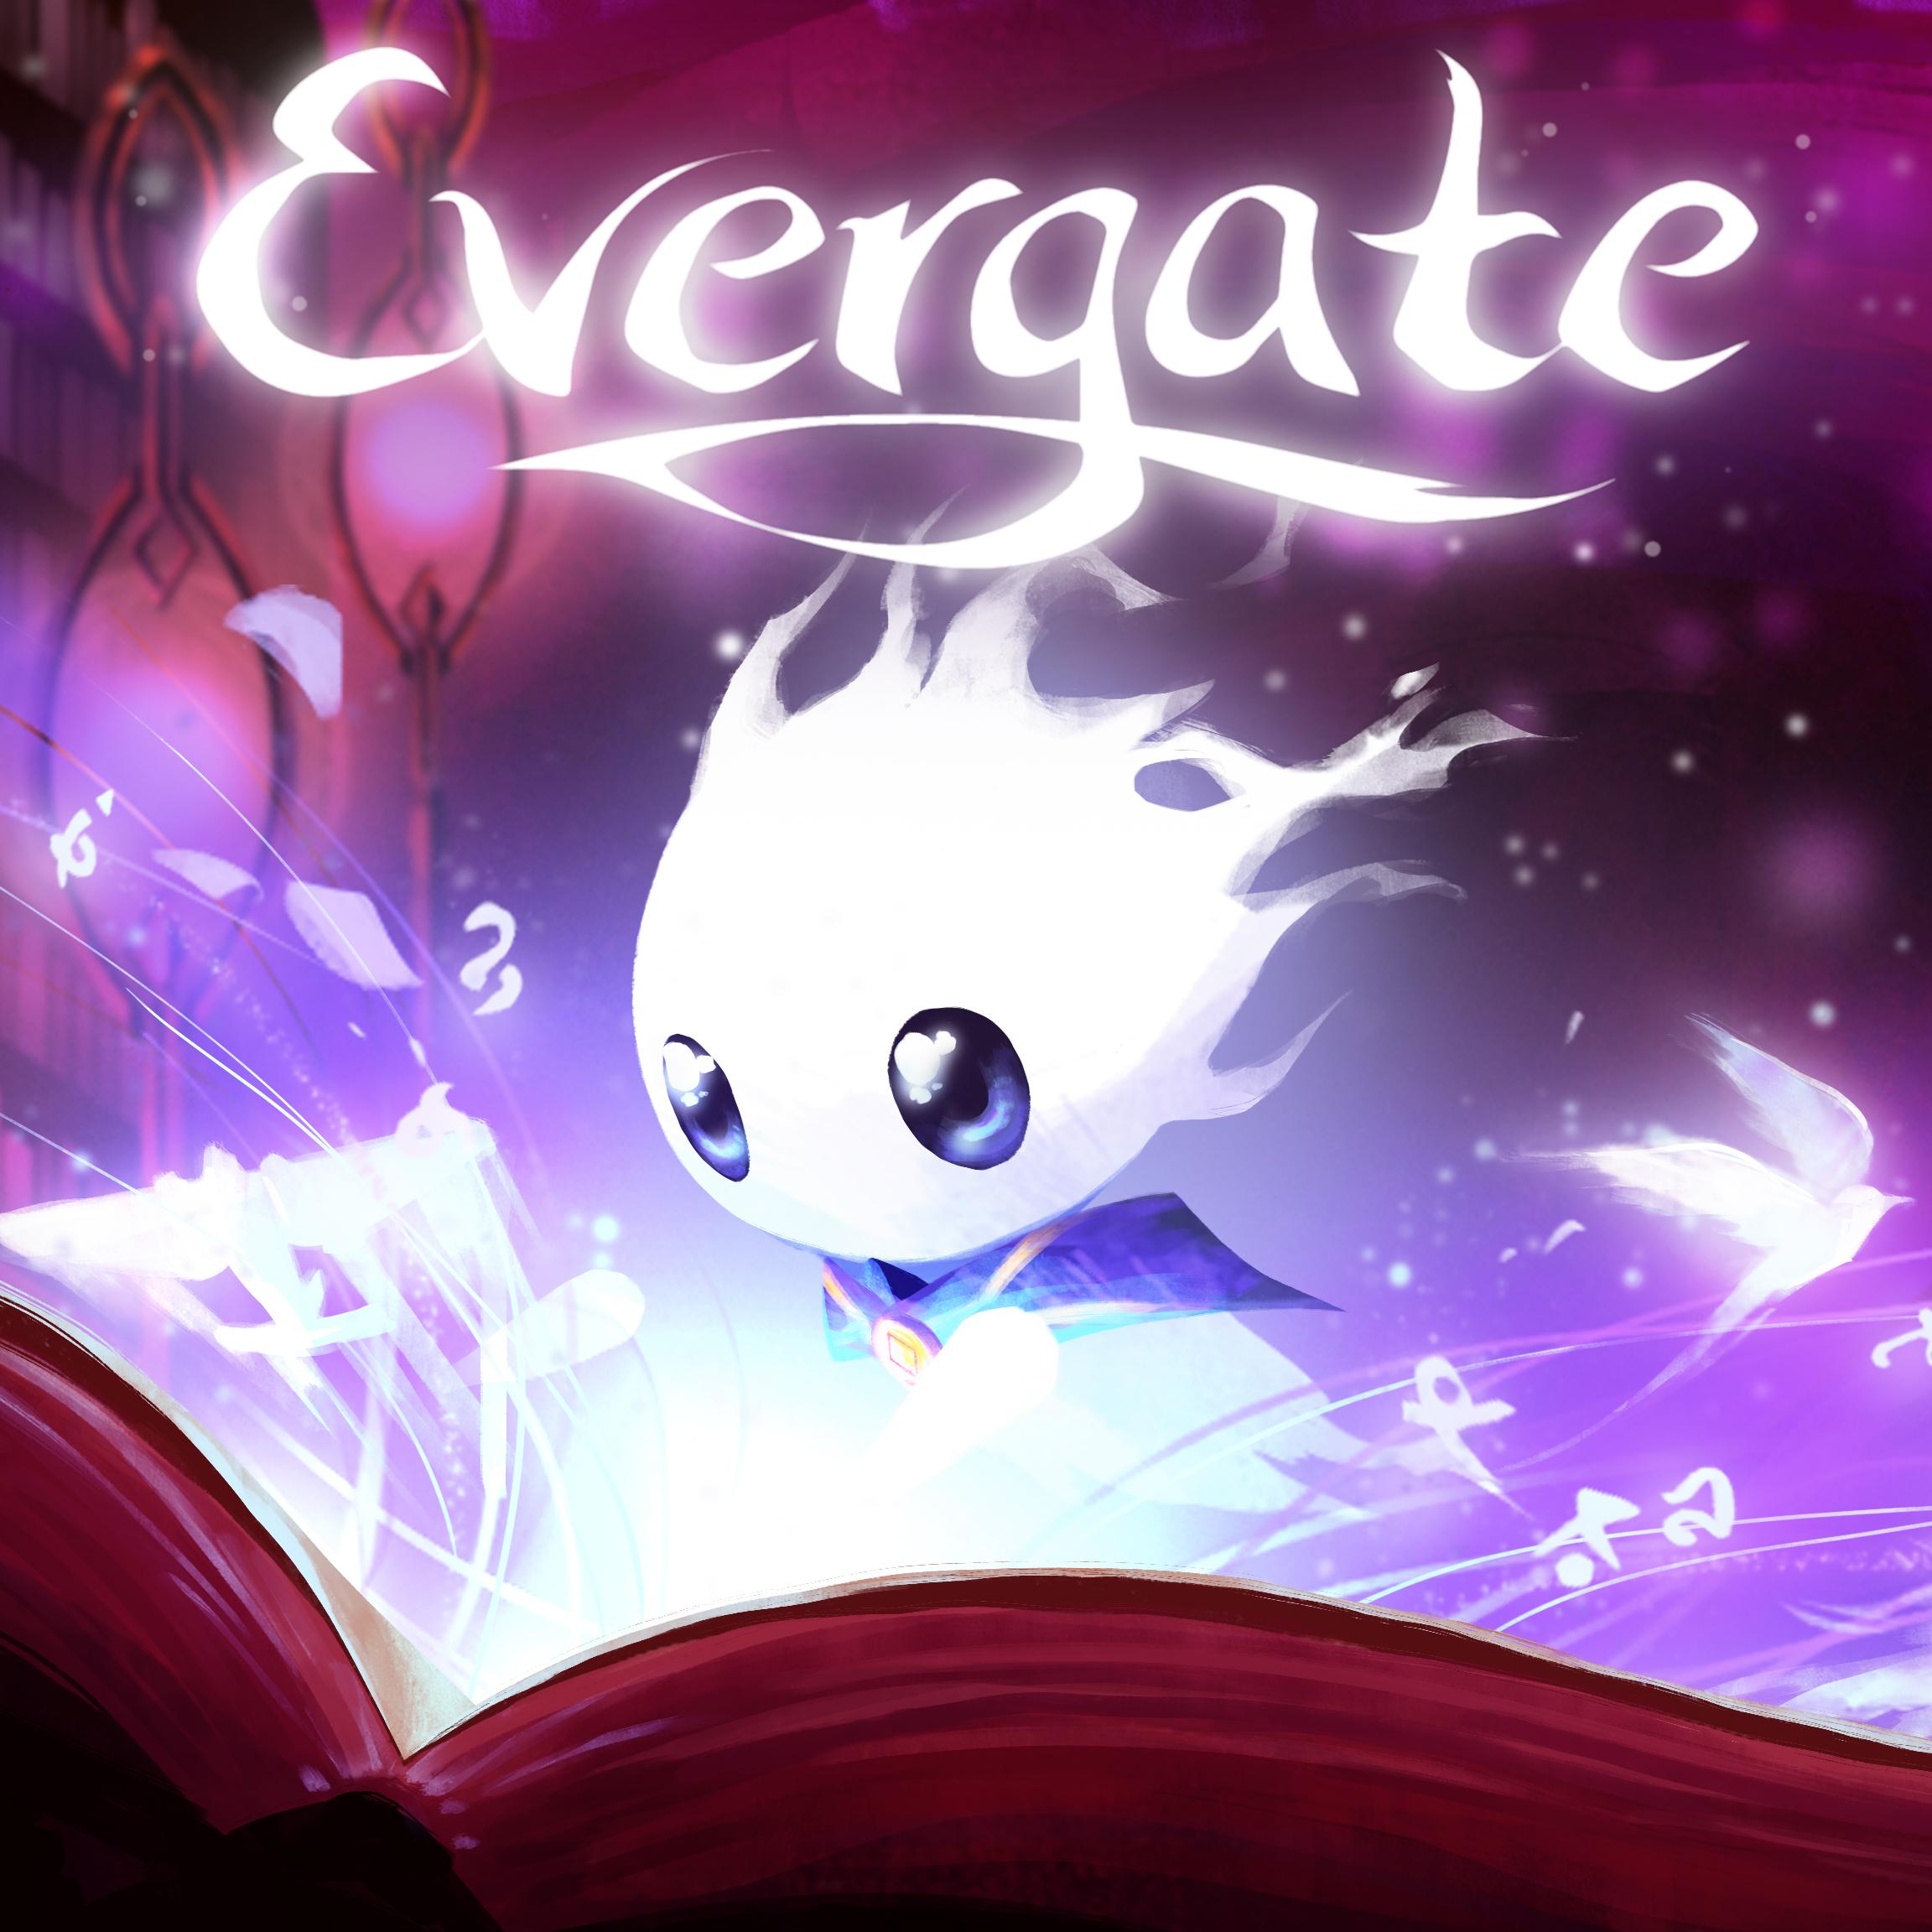 <em>Evergate</em>